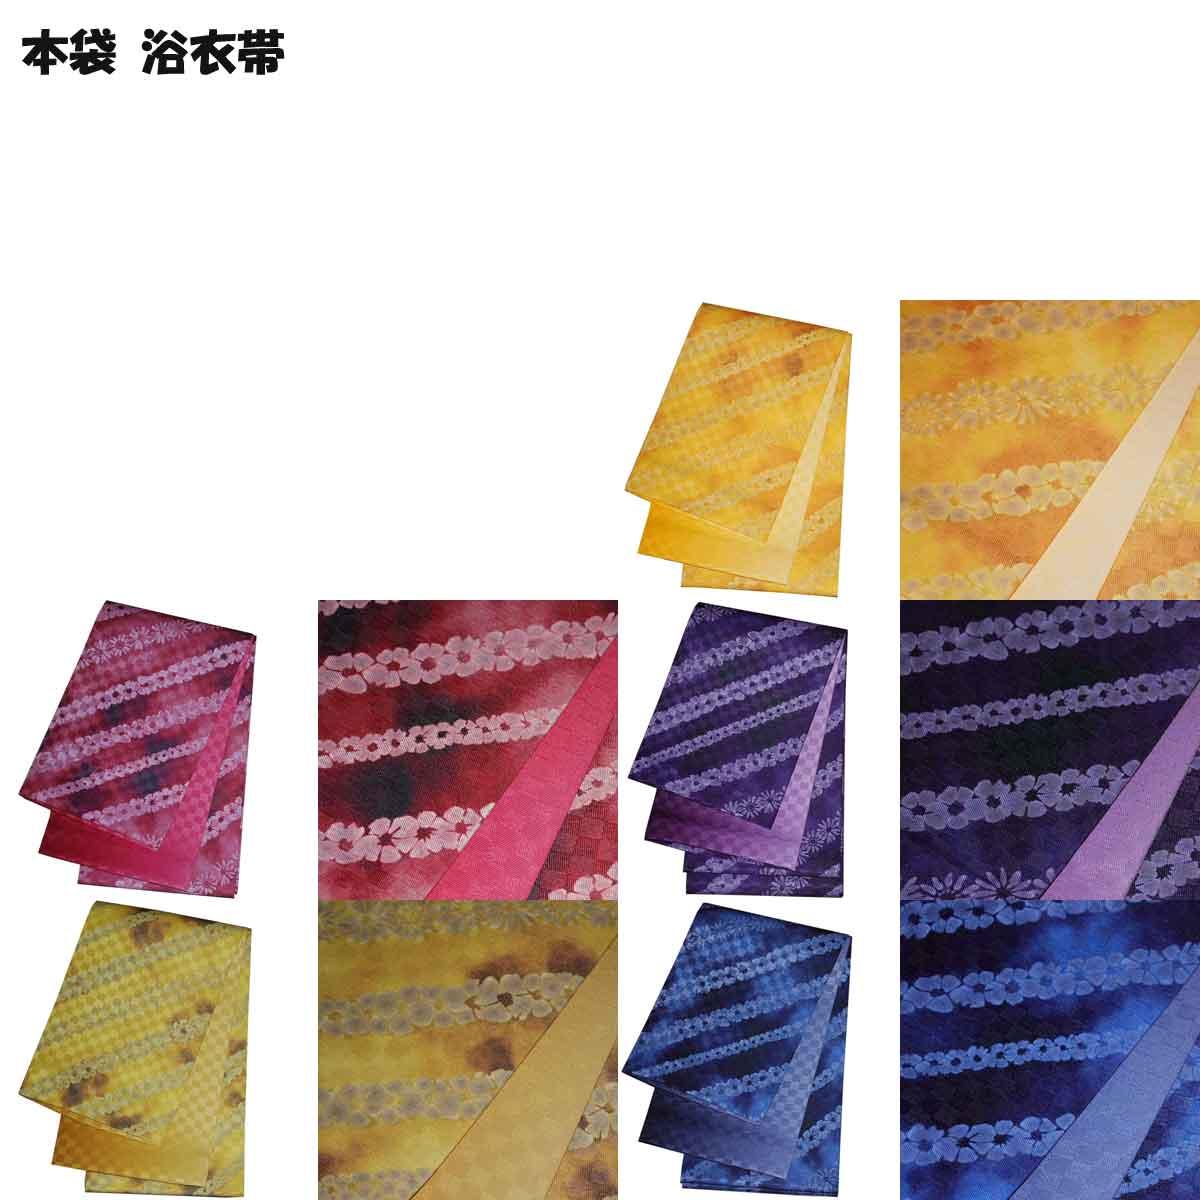 あす楽対象 ポスト投函配送にてお届けします 日本製 超目玉 絞り柄 浴衣帯 チェック リバーシブル 本袋 裏市松 海外限定 小袋帯